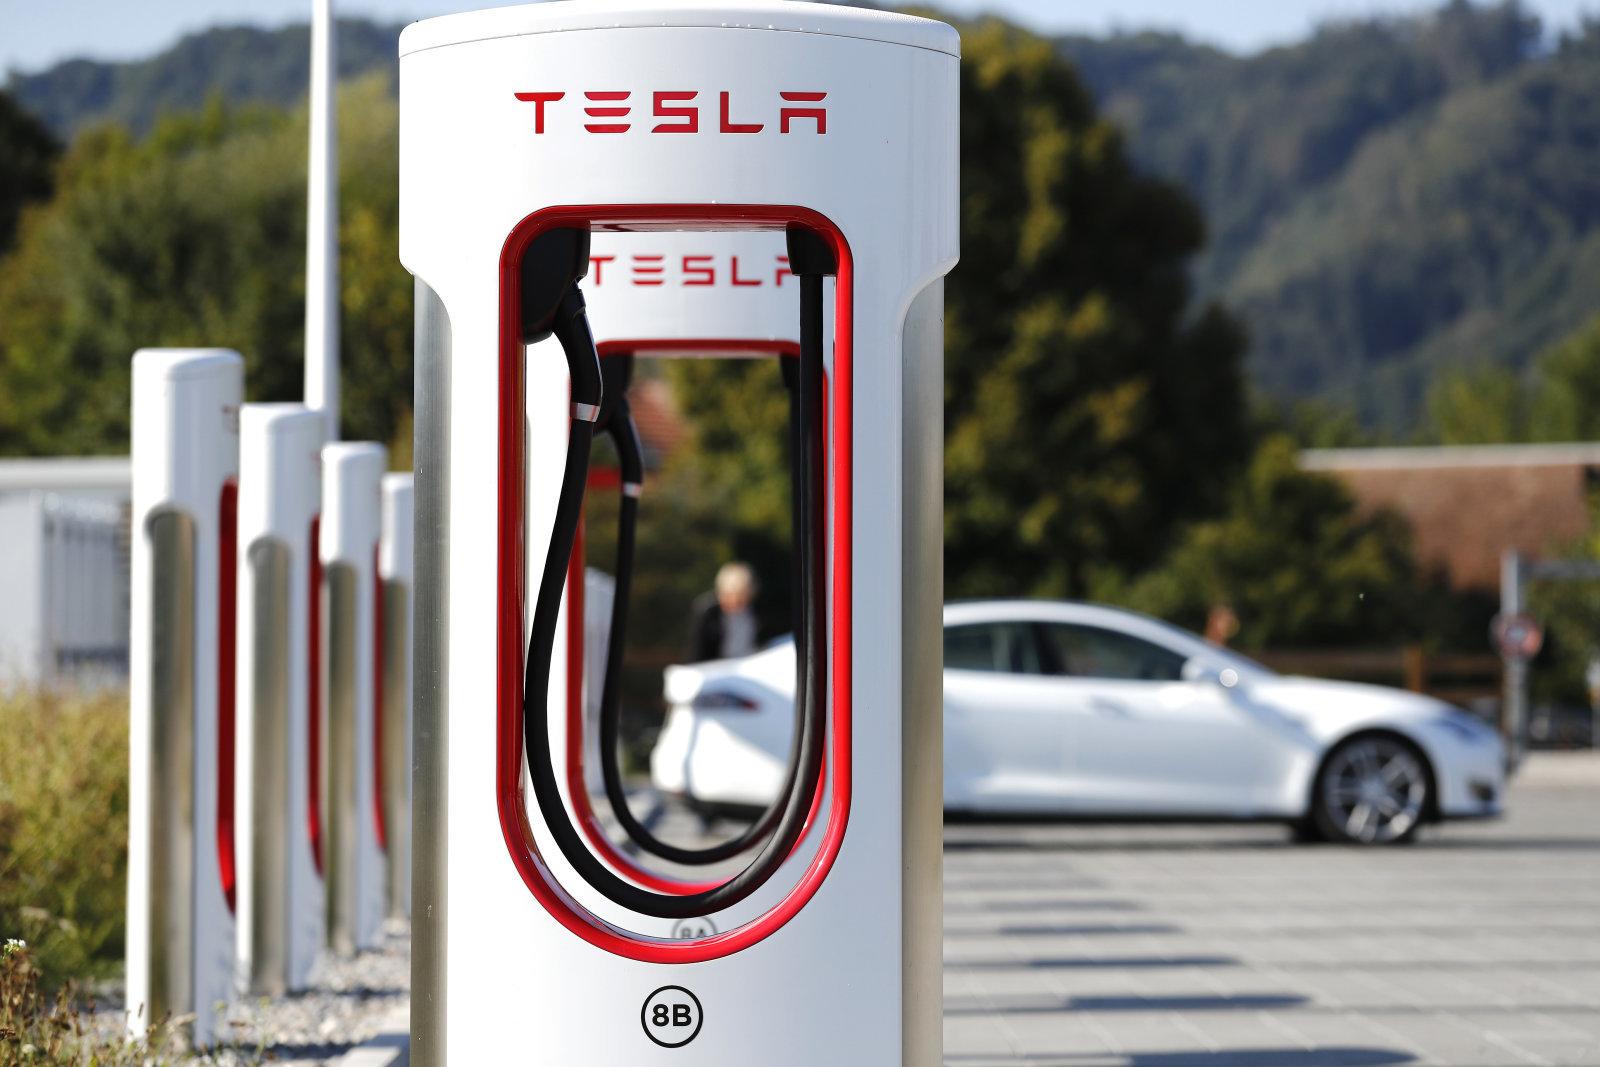 Tesla-ն այսուհետ կարելի է վերալիցքավորել 15 րոպեում